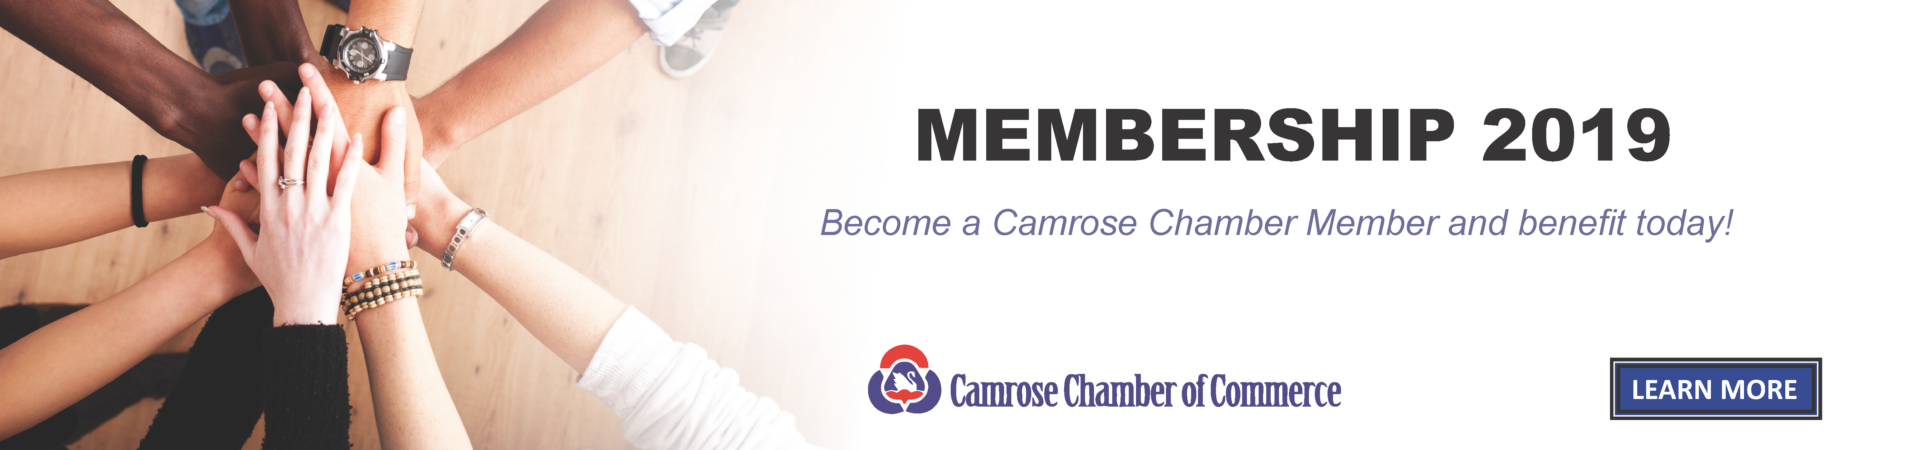 Membership 2019